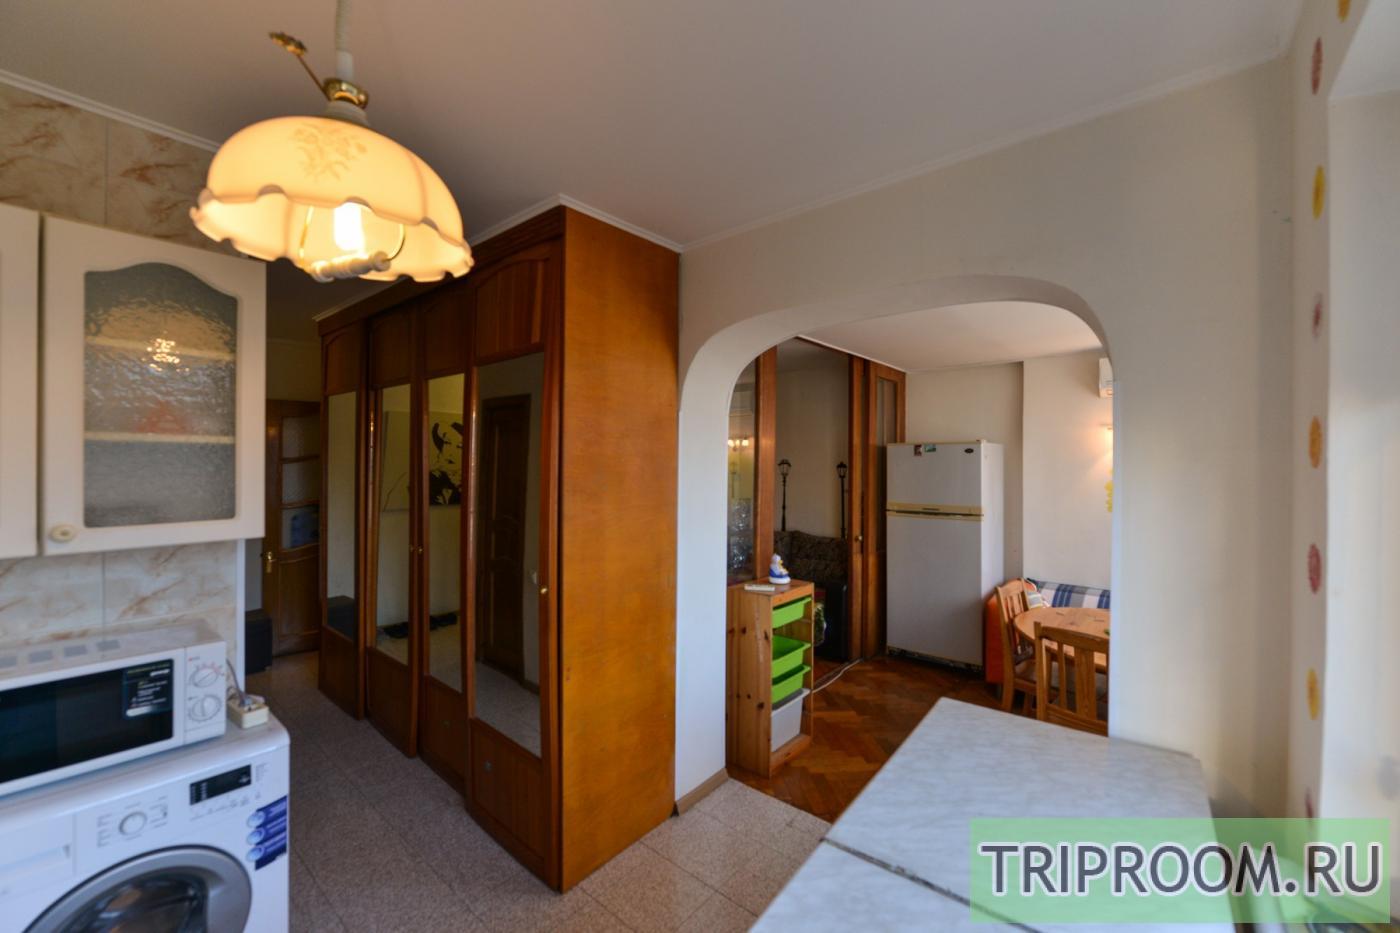 2-комнатная квартира посуточно (вариант № 6980), ул. Воровского улица, фото № 7